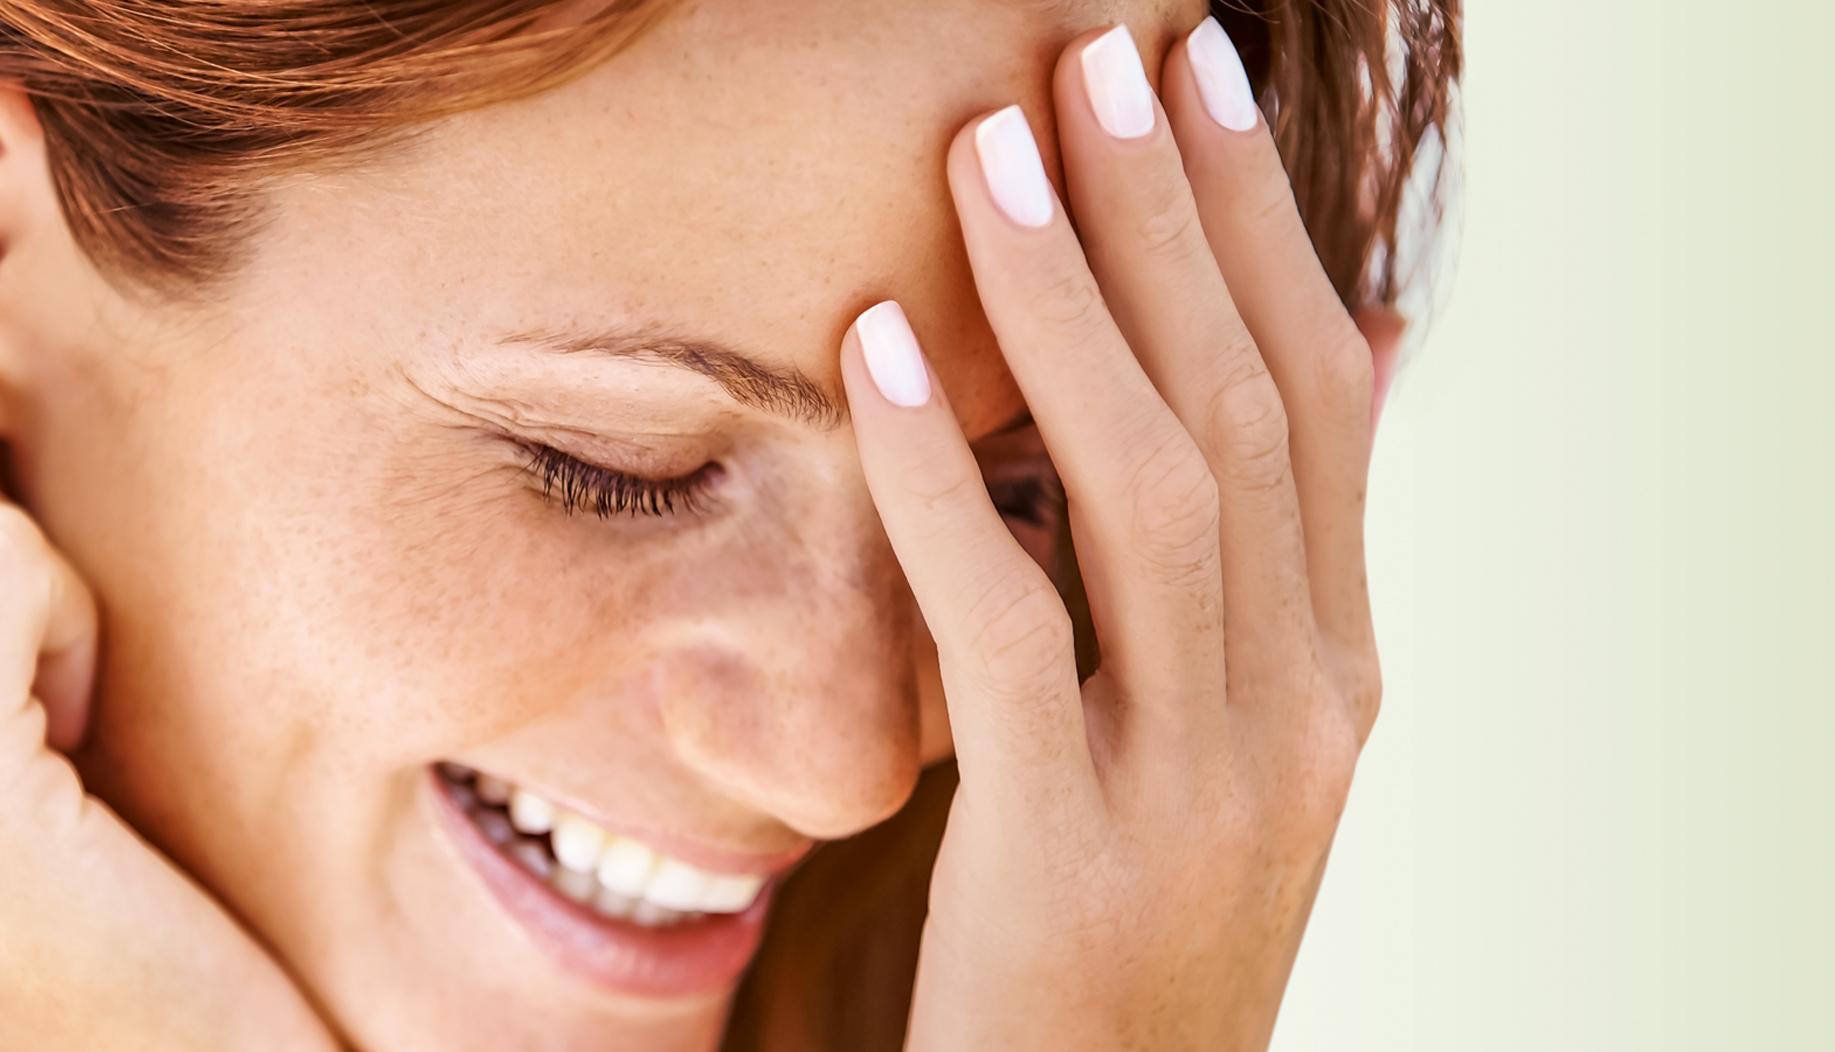 Junge Frau lächelt und hält eine Hand vor das Gesicht.